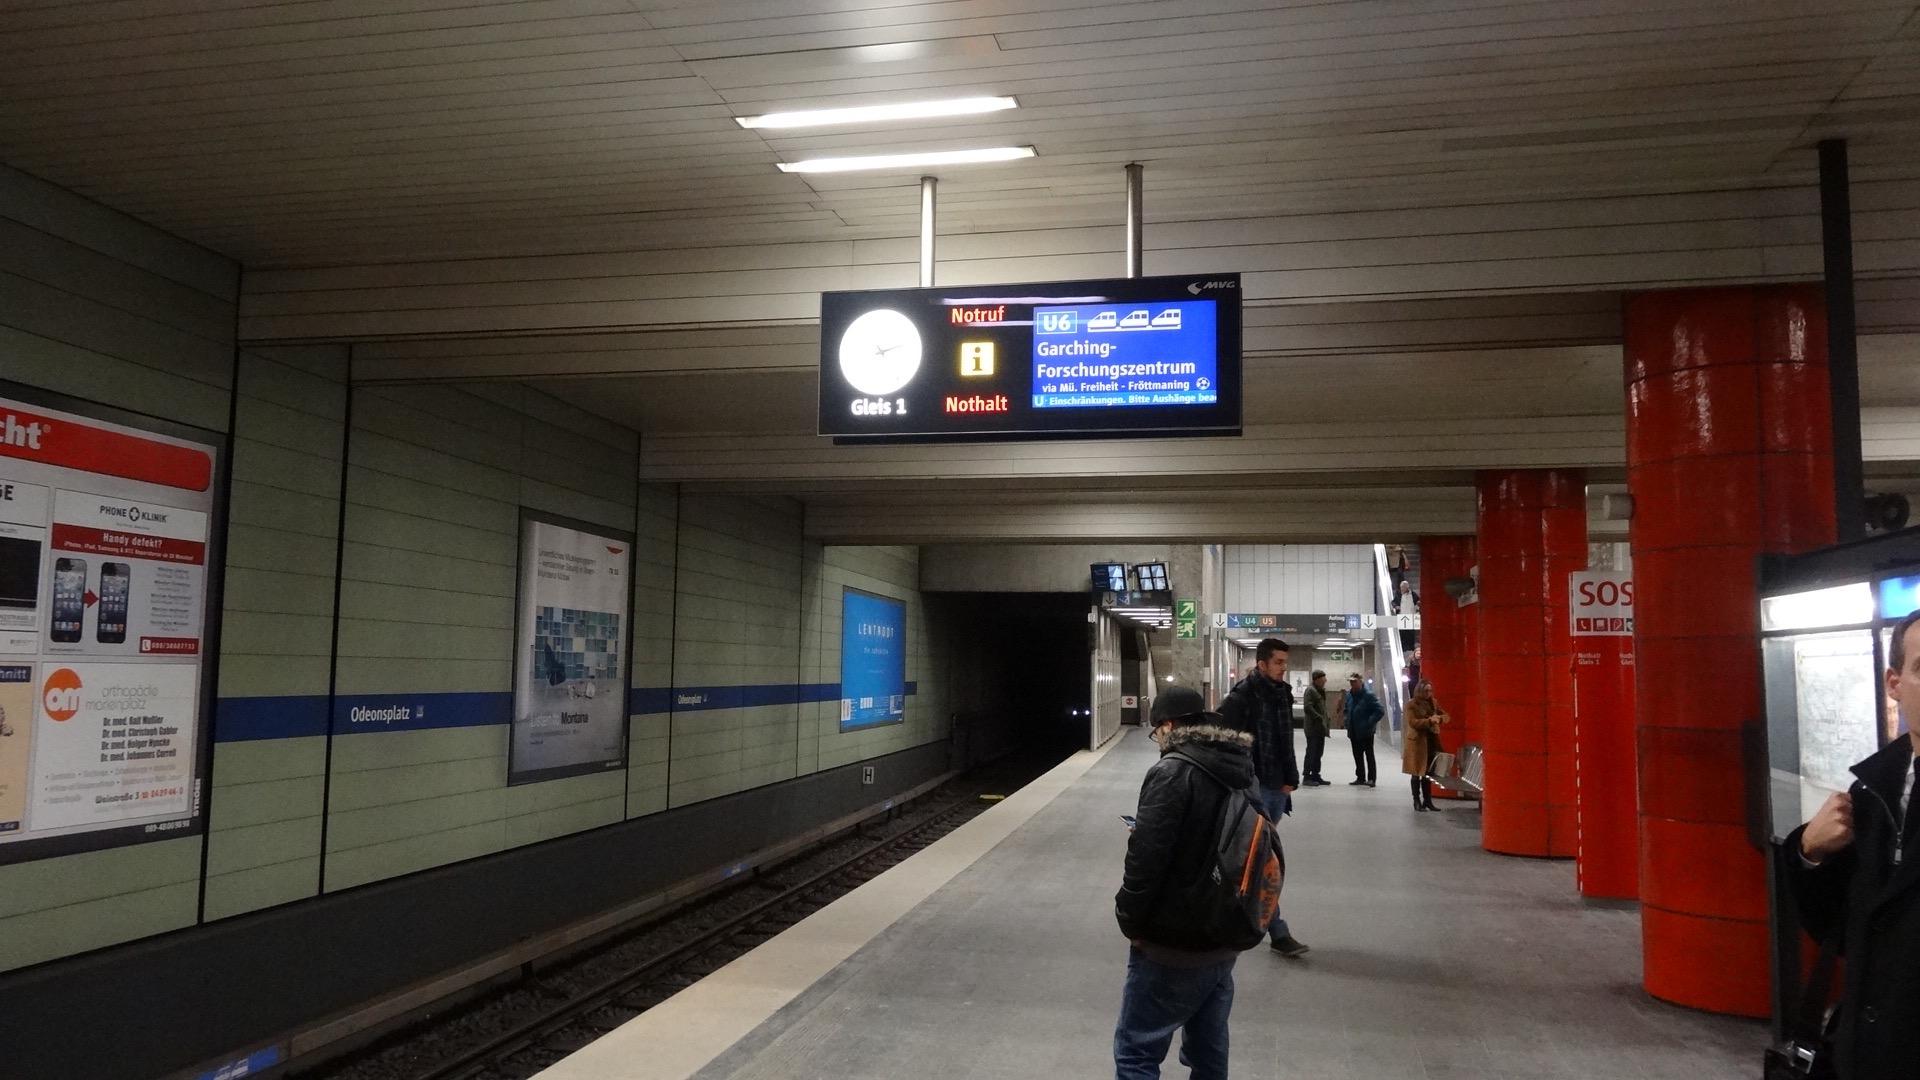 ミュンヘンで地下鉄に乗る時のポイント